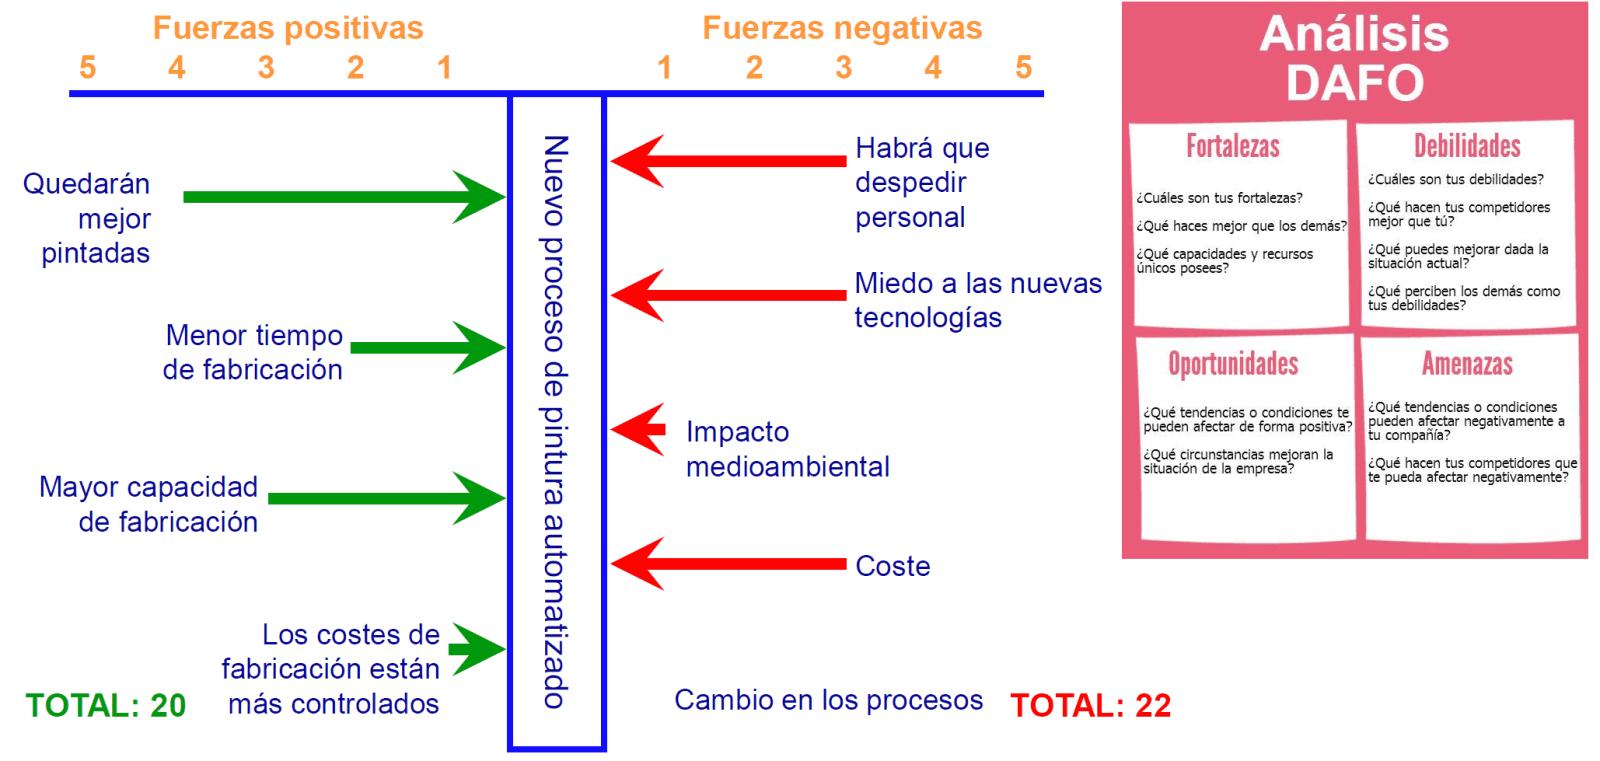 fuerzas negativas y positivas - Análisis DAFO